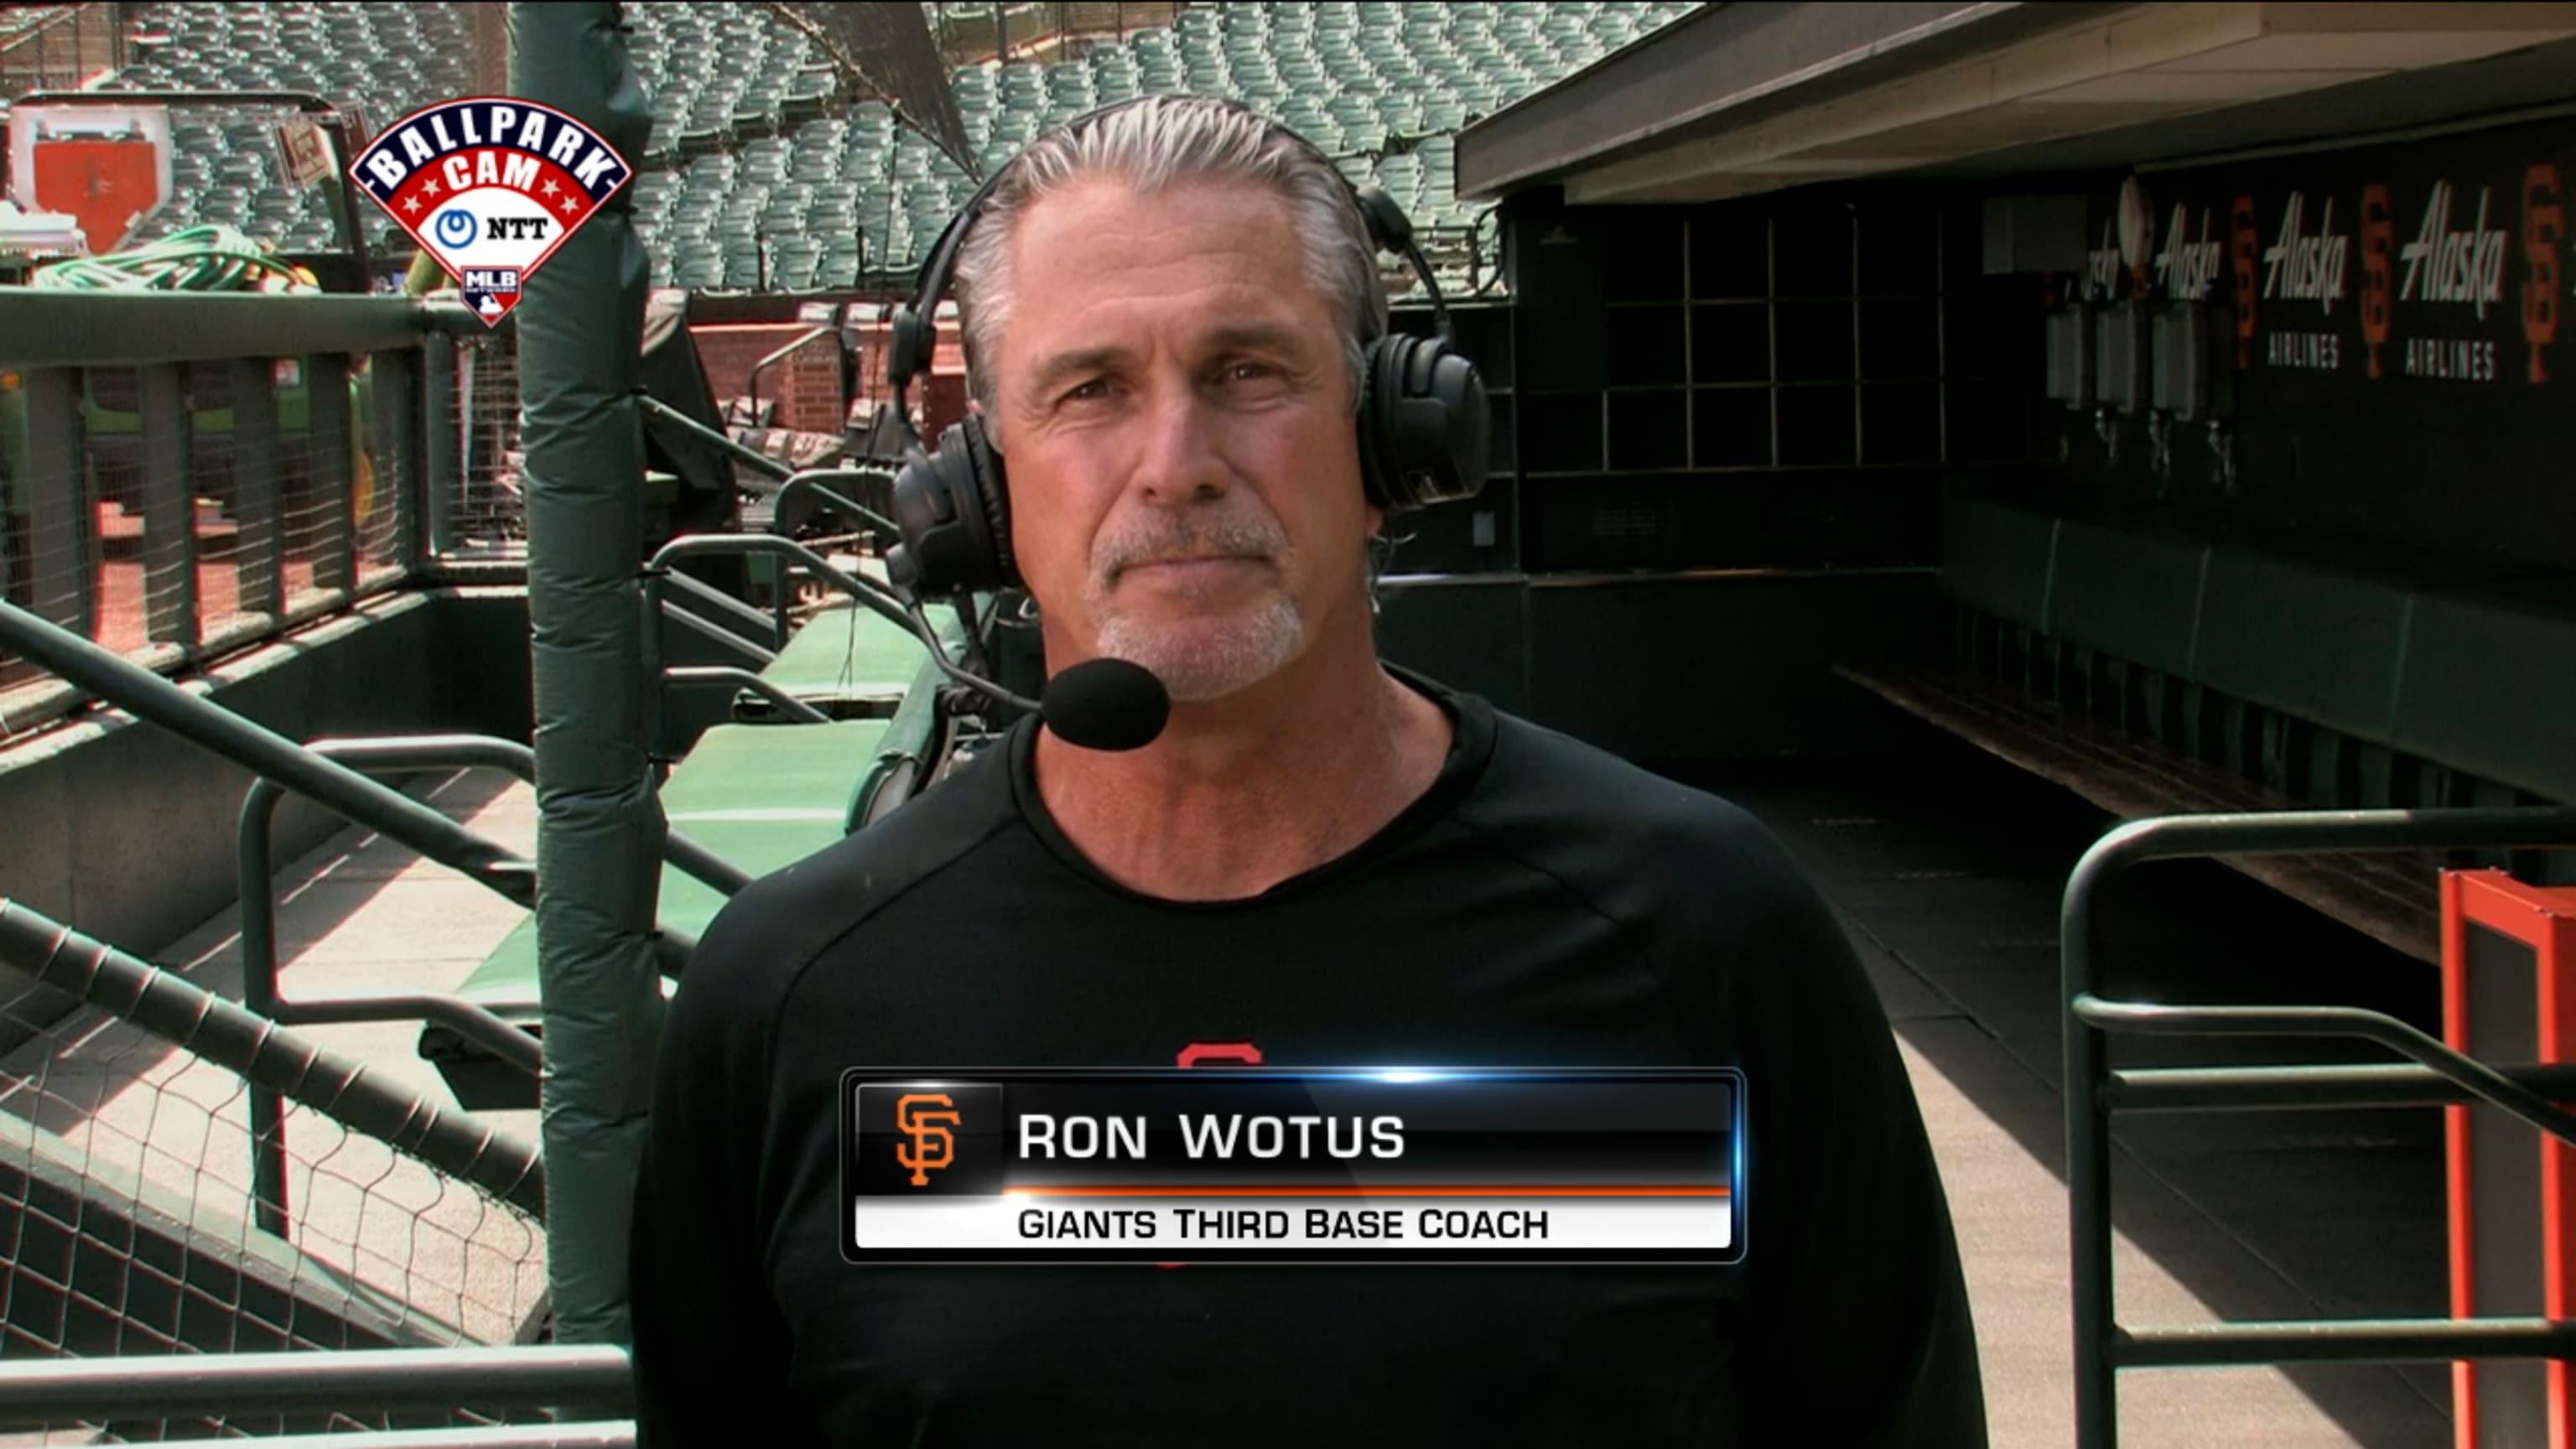 Ron Wotus retiring from full-time coaching after 2021 season